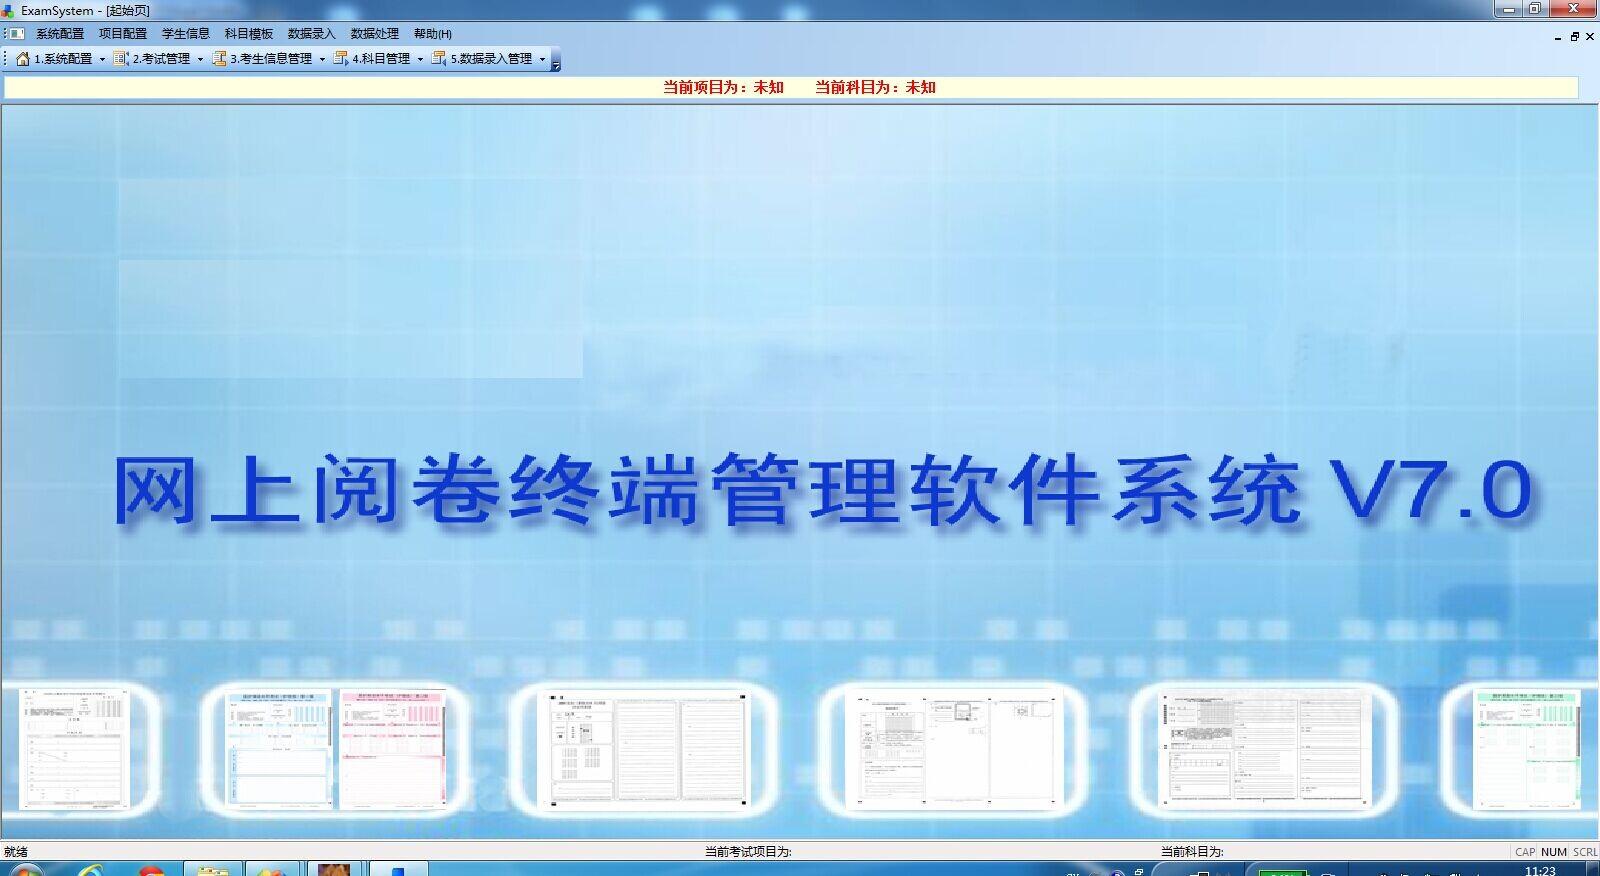 底价供应网上阅卷系统 网上阅卷系统品牌|行业资讯-河北省南昊高新技术开发有限公司